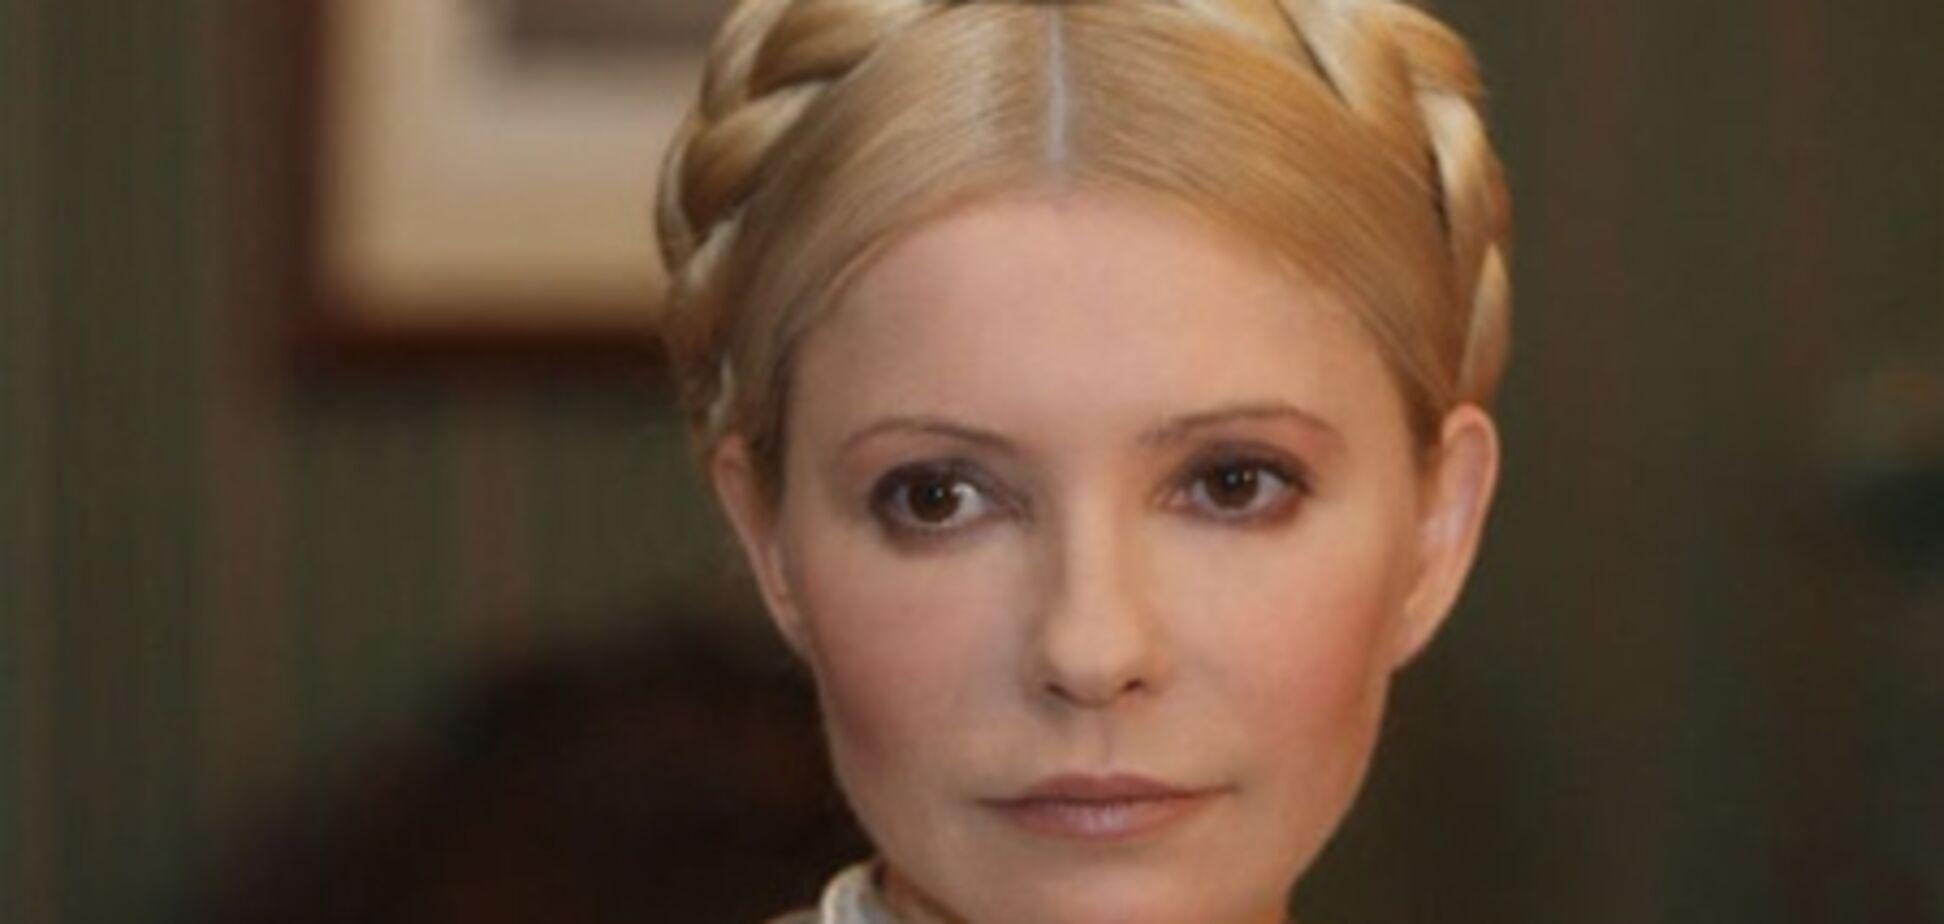 ДПСУ: Тимошенко надається меддопомога